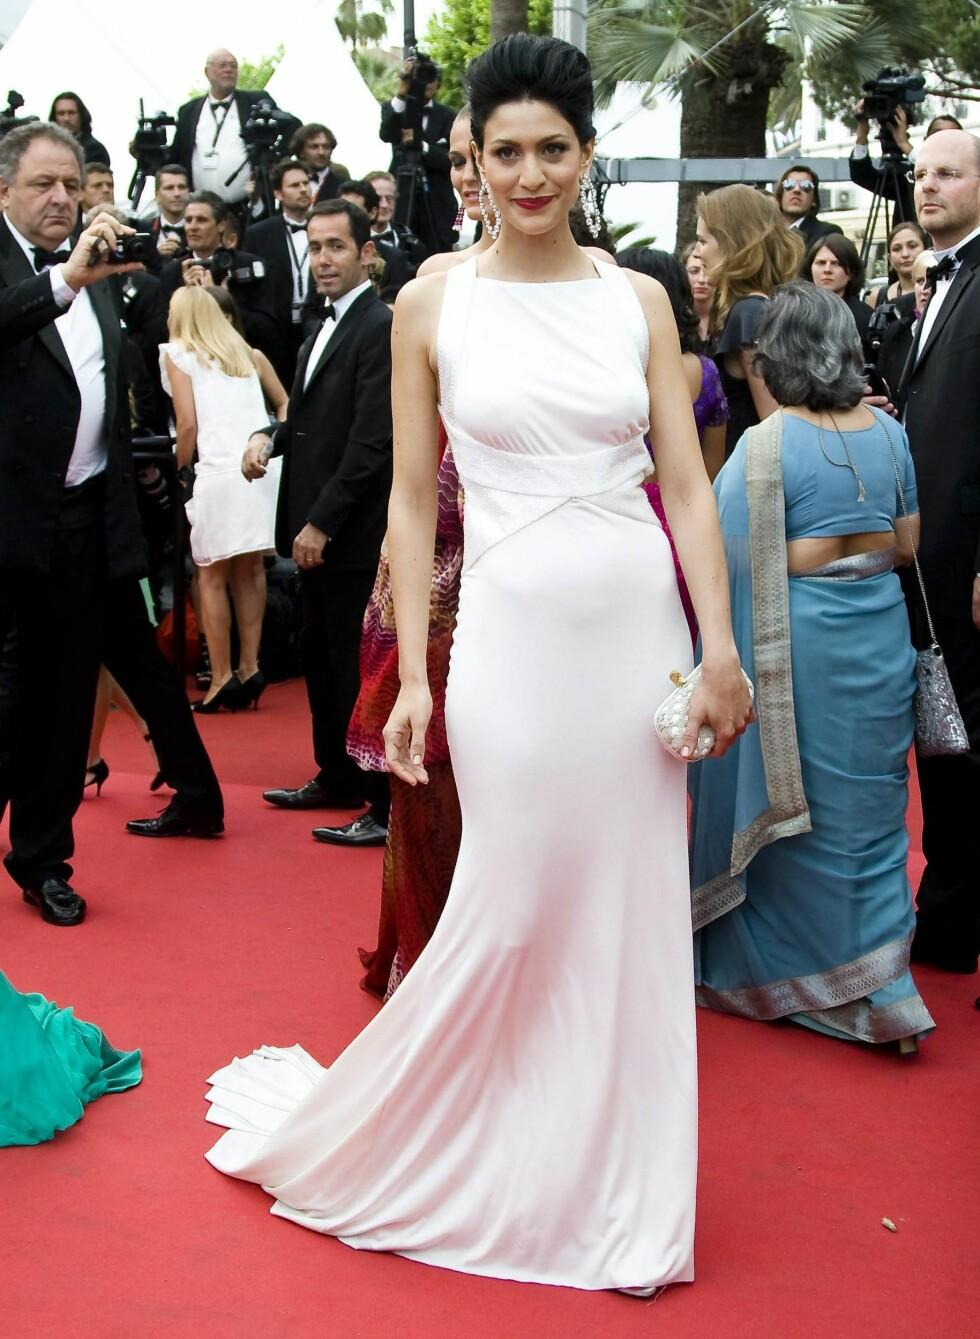 Guila Bevilacqua i fotsid hvit kjole med lekker ryggdetalj.  Foto: All Over Press